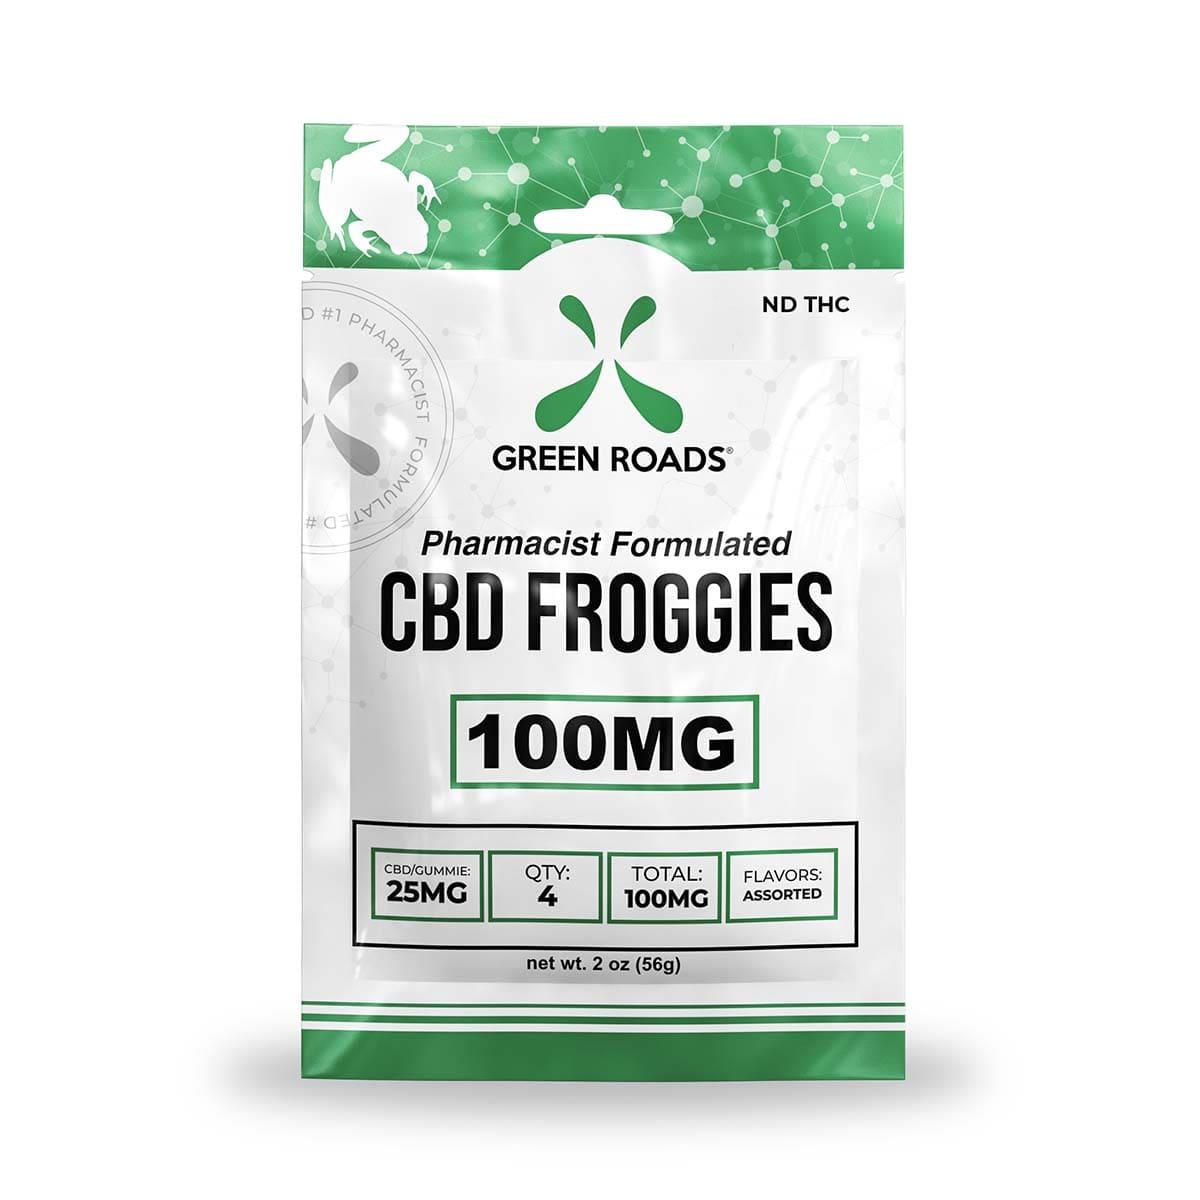 Green Roads CBD Froggies - 100mg (25mg CBD per froggie) - 2oz